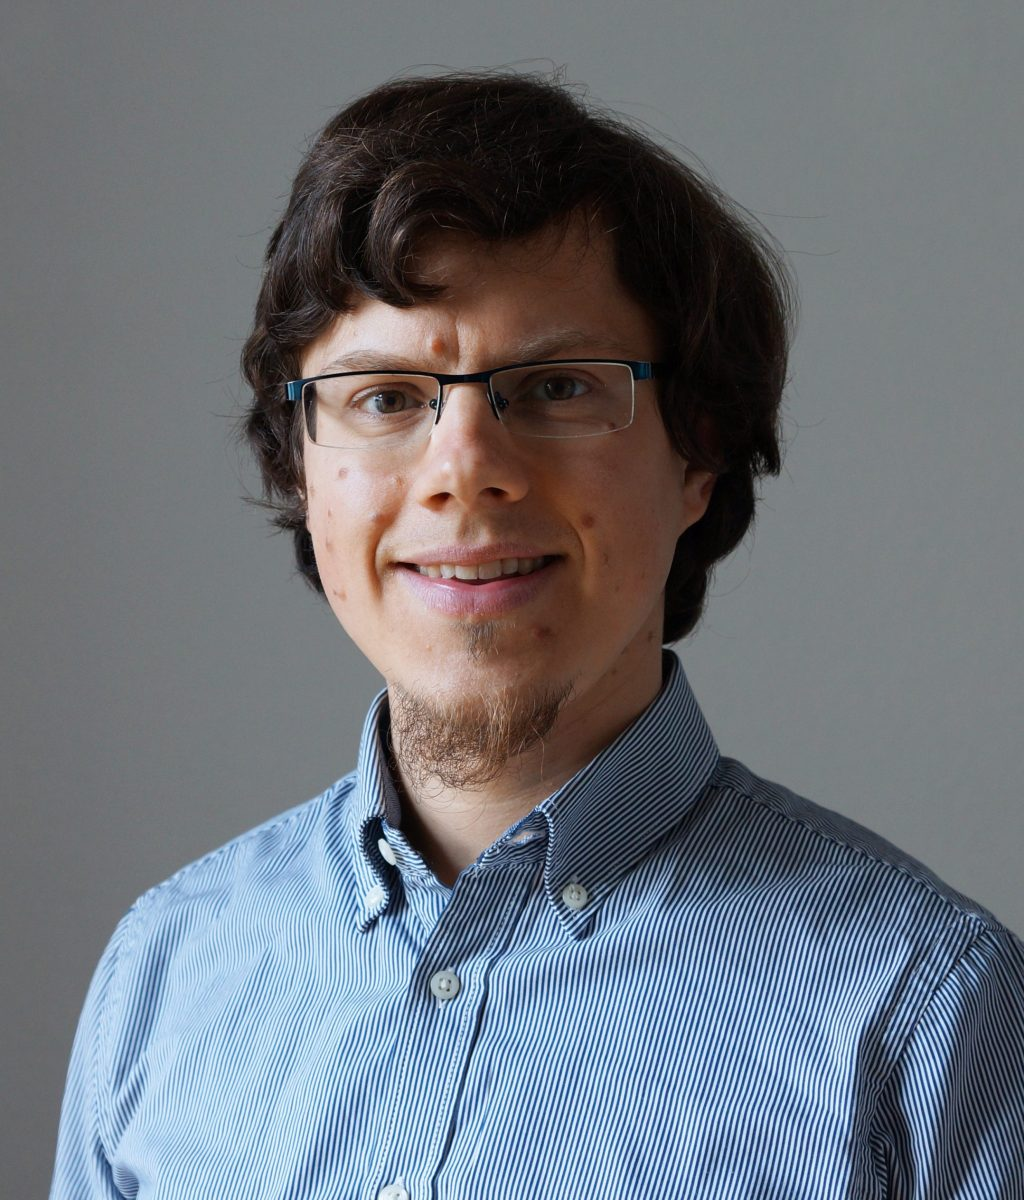 Benjamin Striller